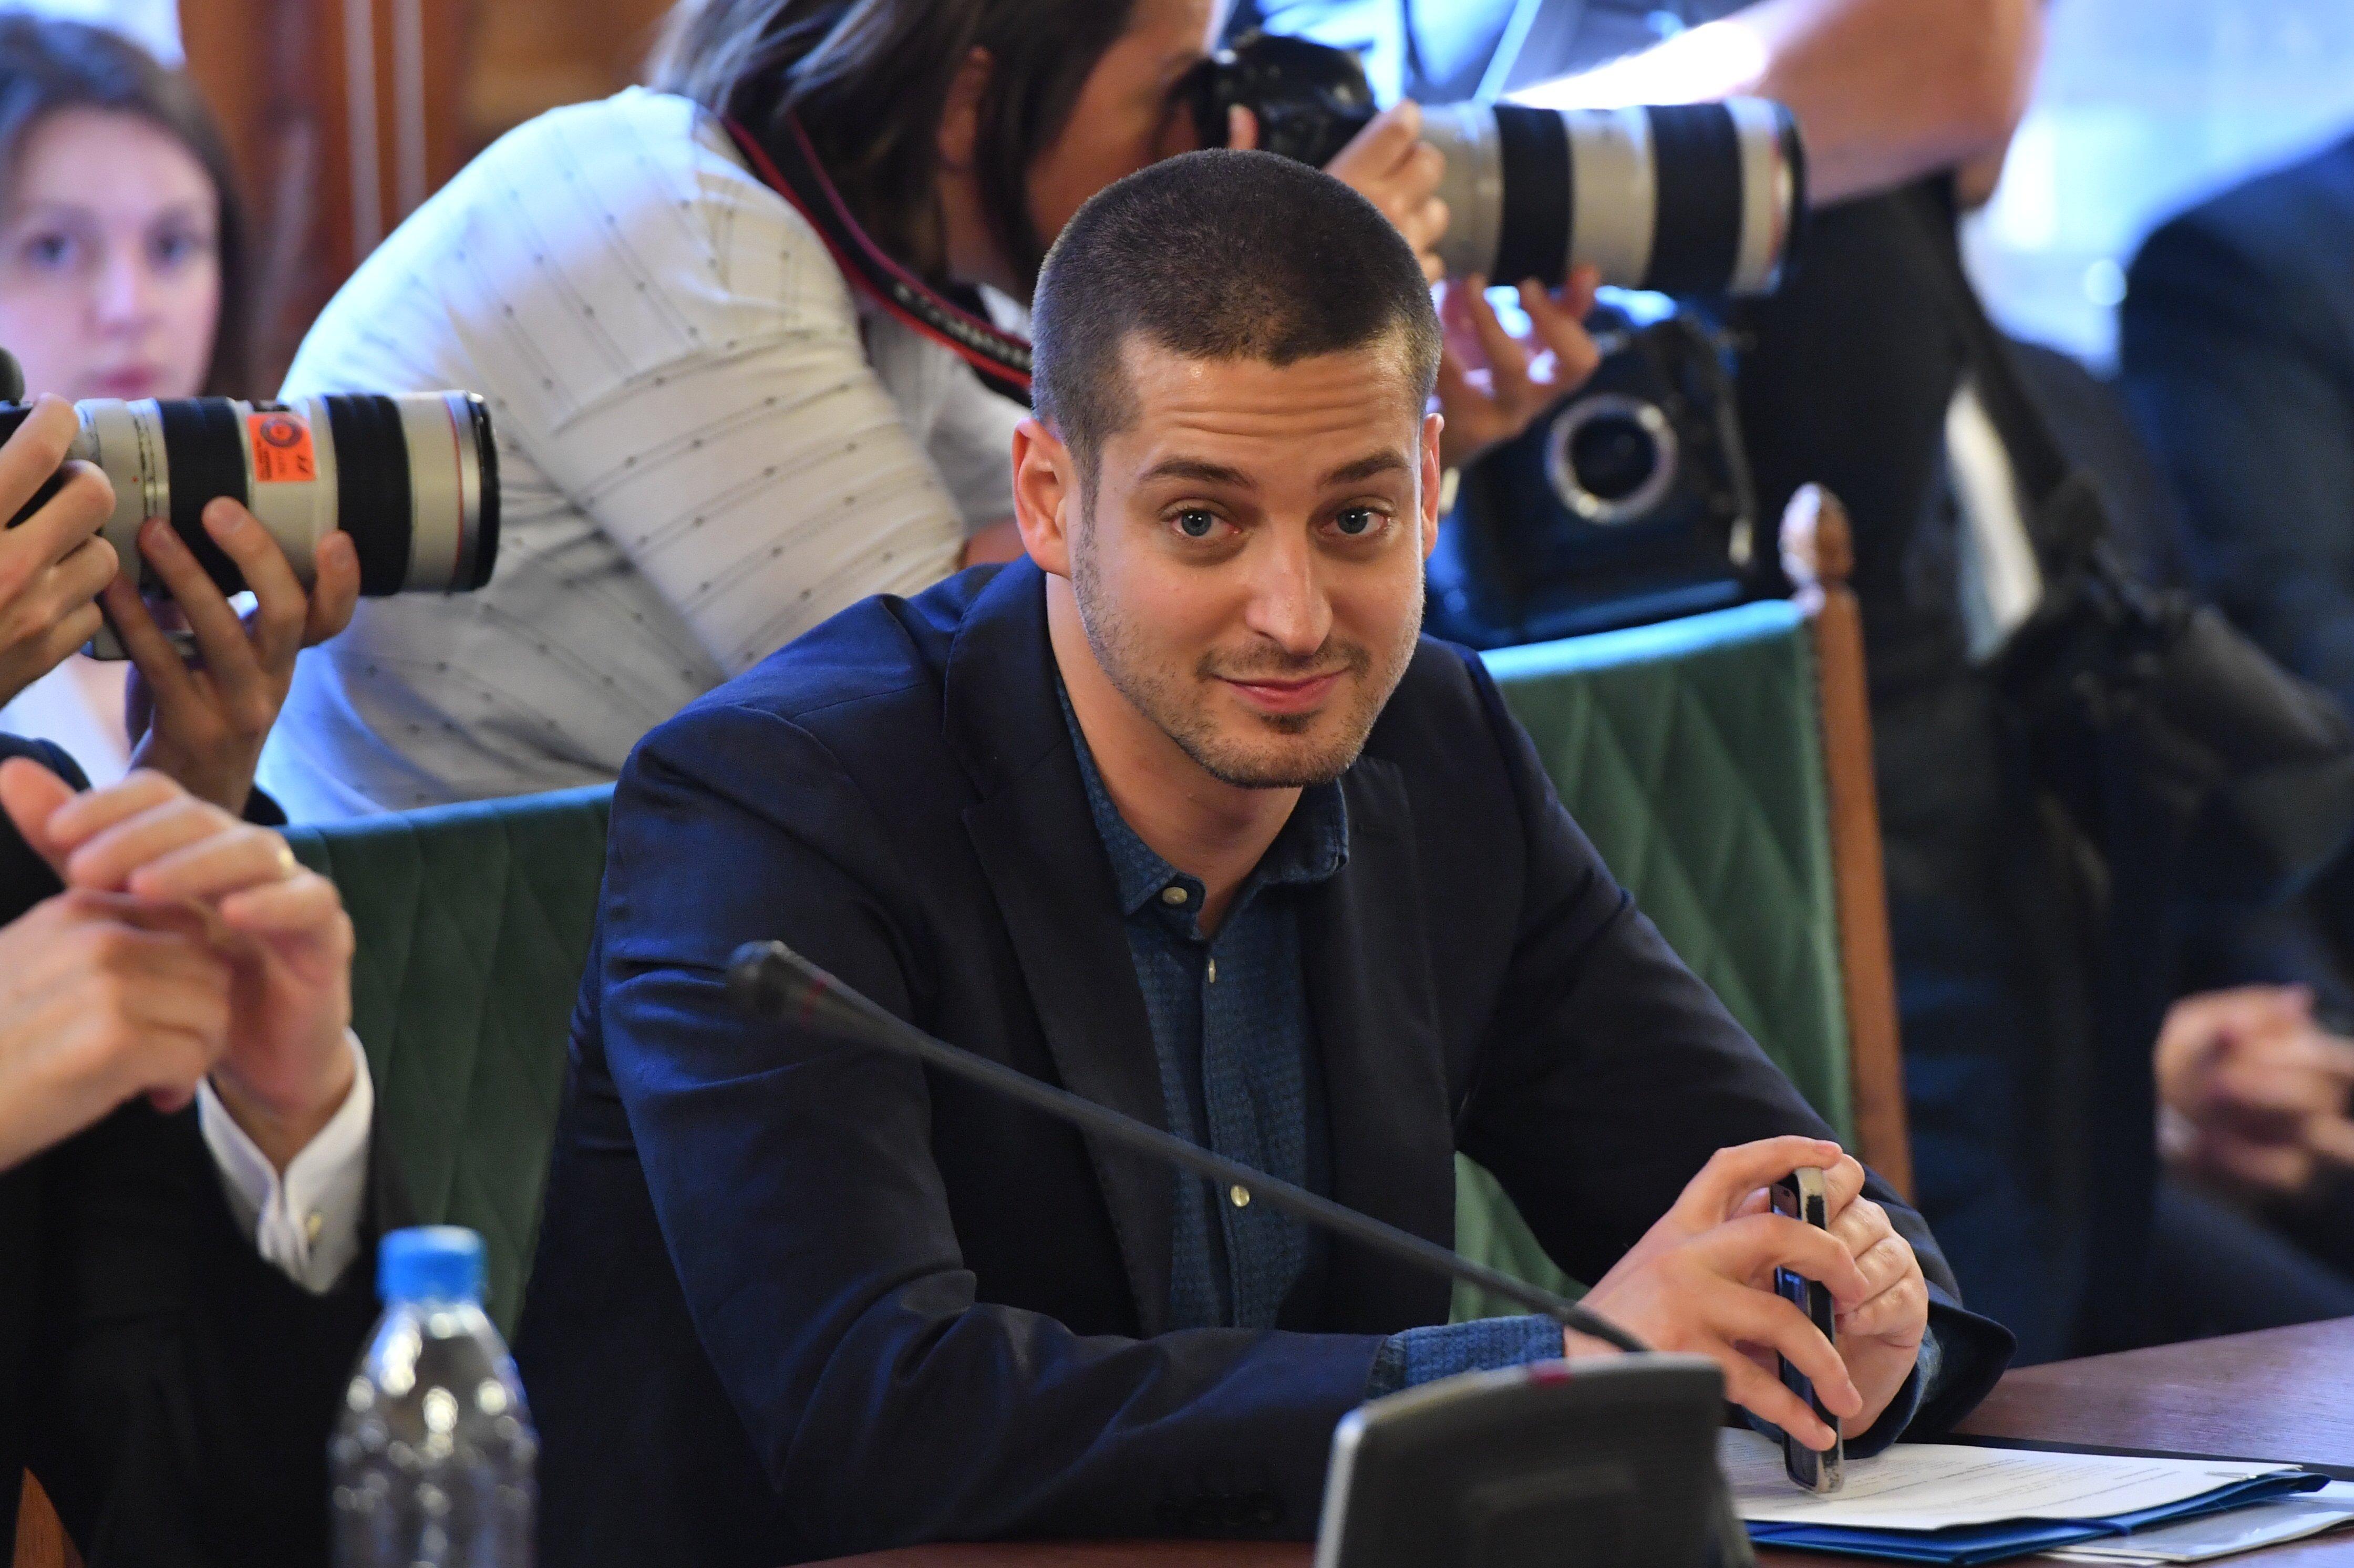 Ungár Péter kamera előtt mondta el, hogy úgy írt alá egy szerződést Ron Werberrel, hogy erre semmilyen joga nem volt